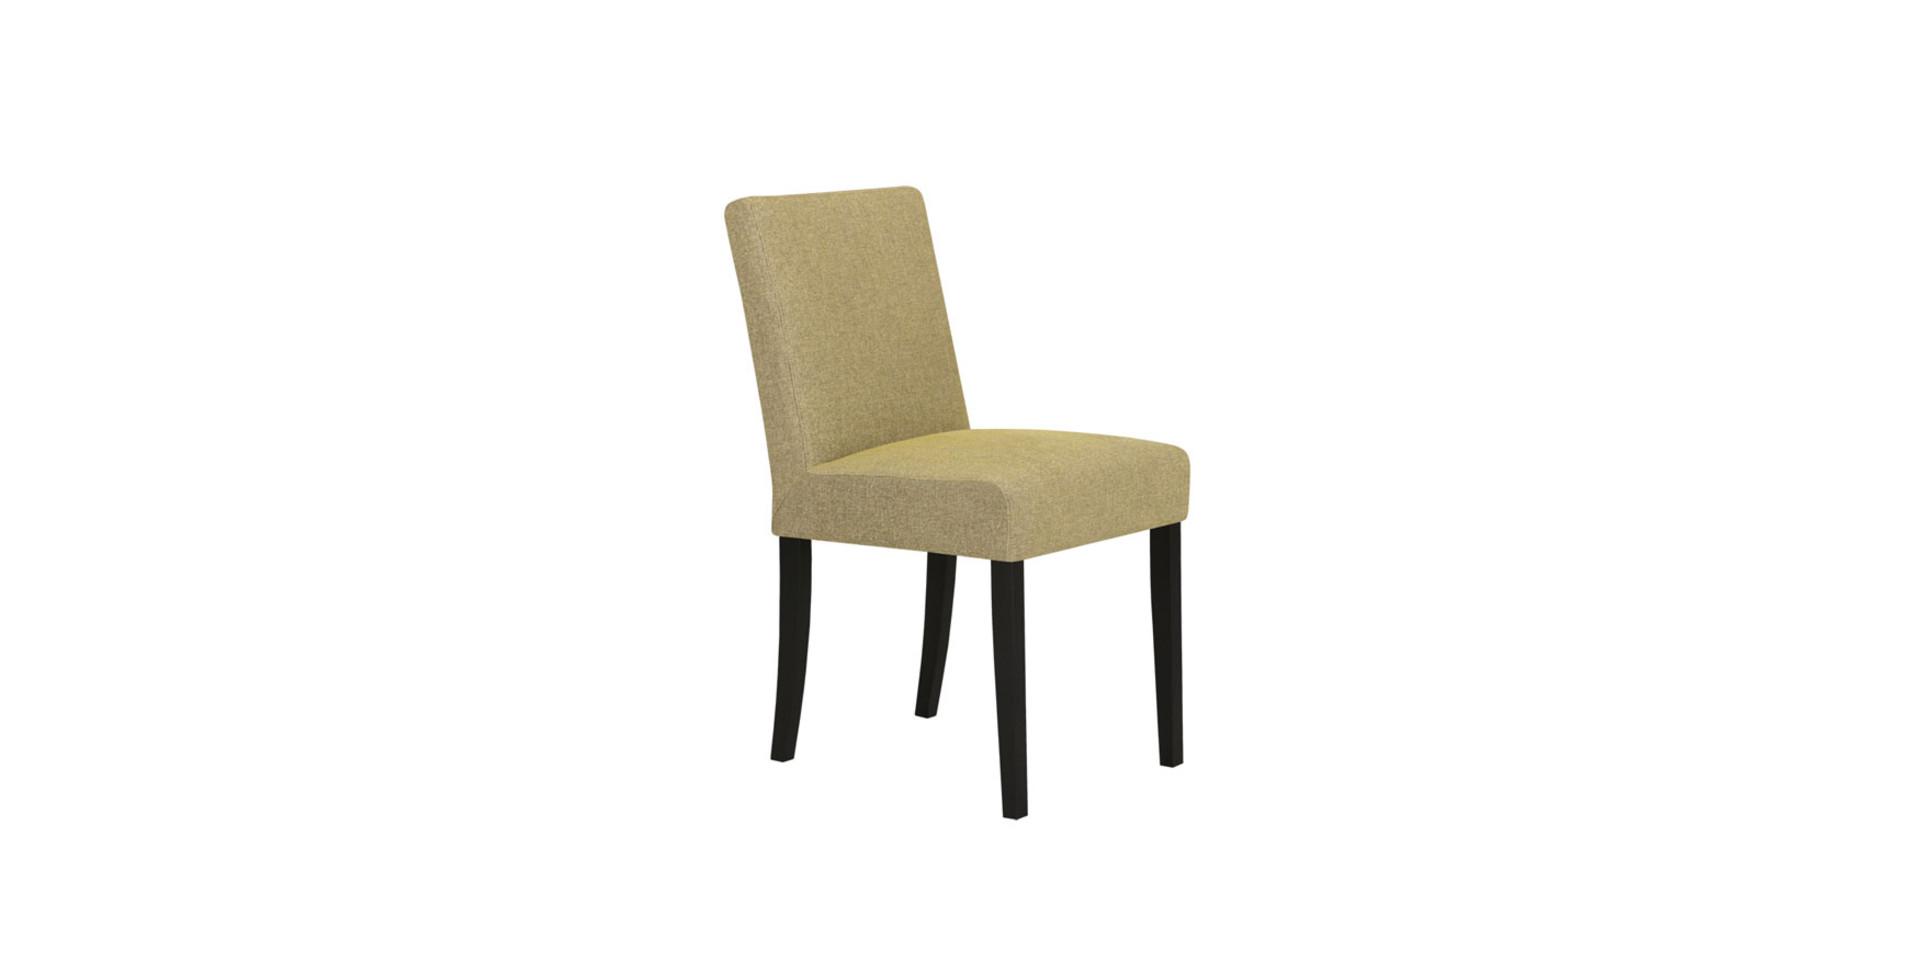 sits-vigo-fauteuil-chair_dover8_mustard_2